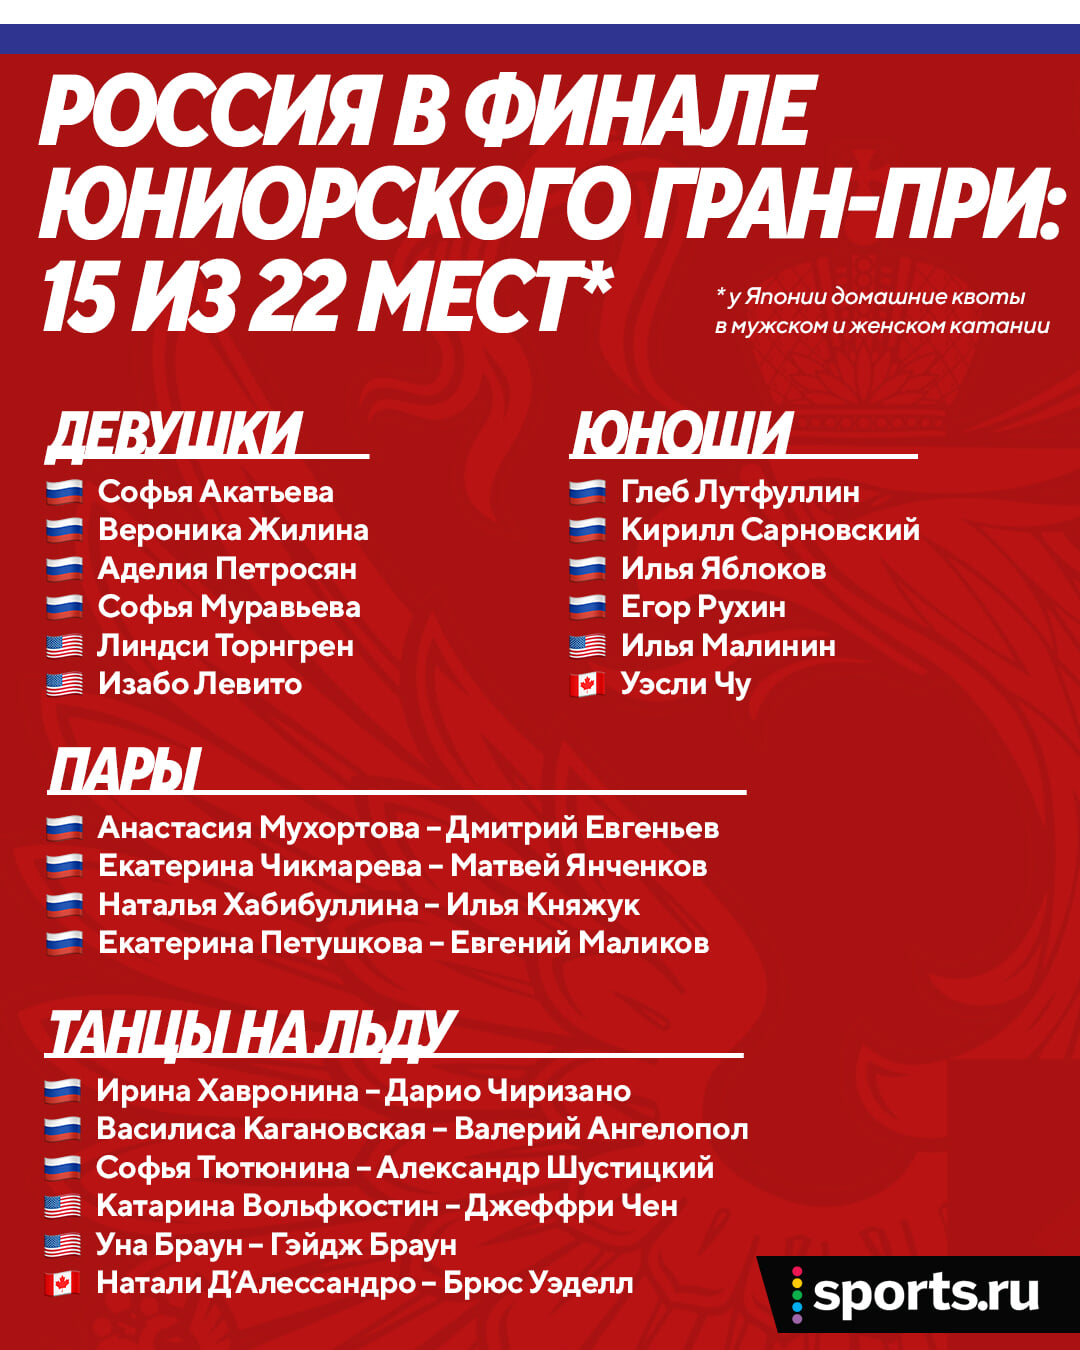 Фигурное поколение, в котором у России нет конкурентов: 15 участников в финале Гран-при (две трети!) – а Плющенко раскрылся и обходит Тутберидзе